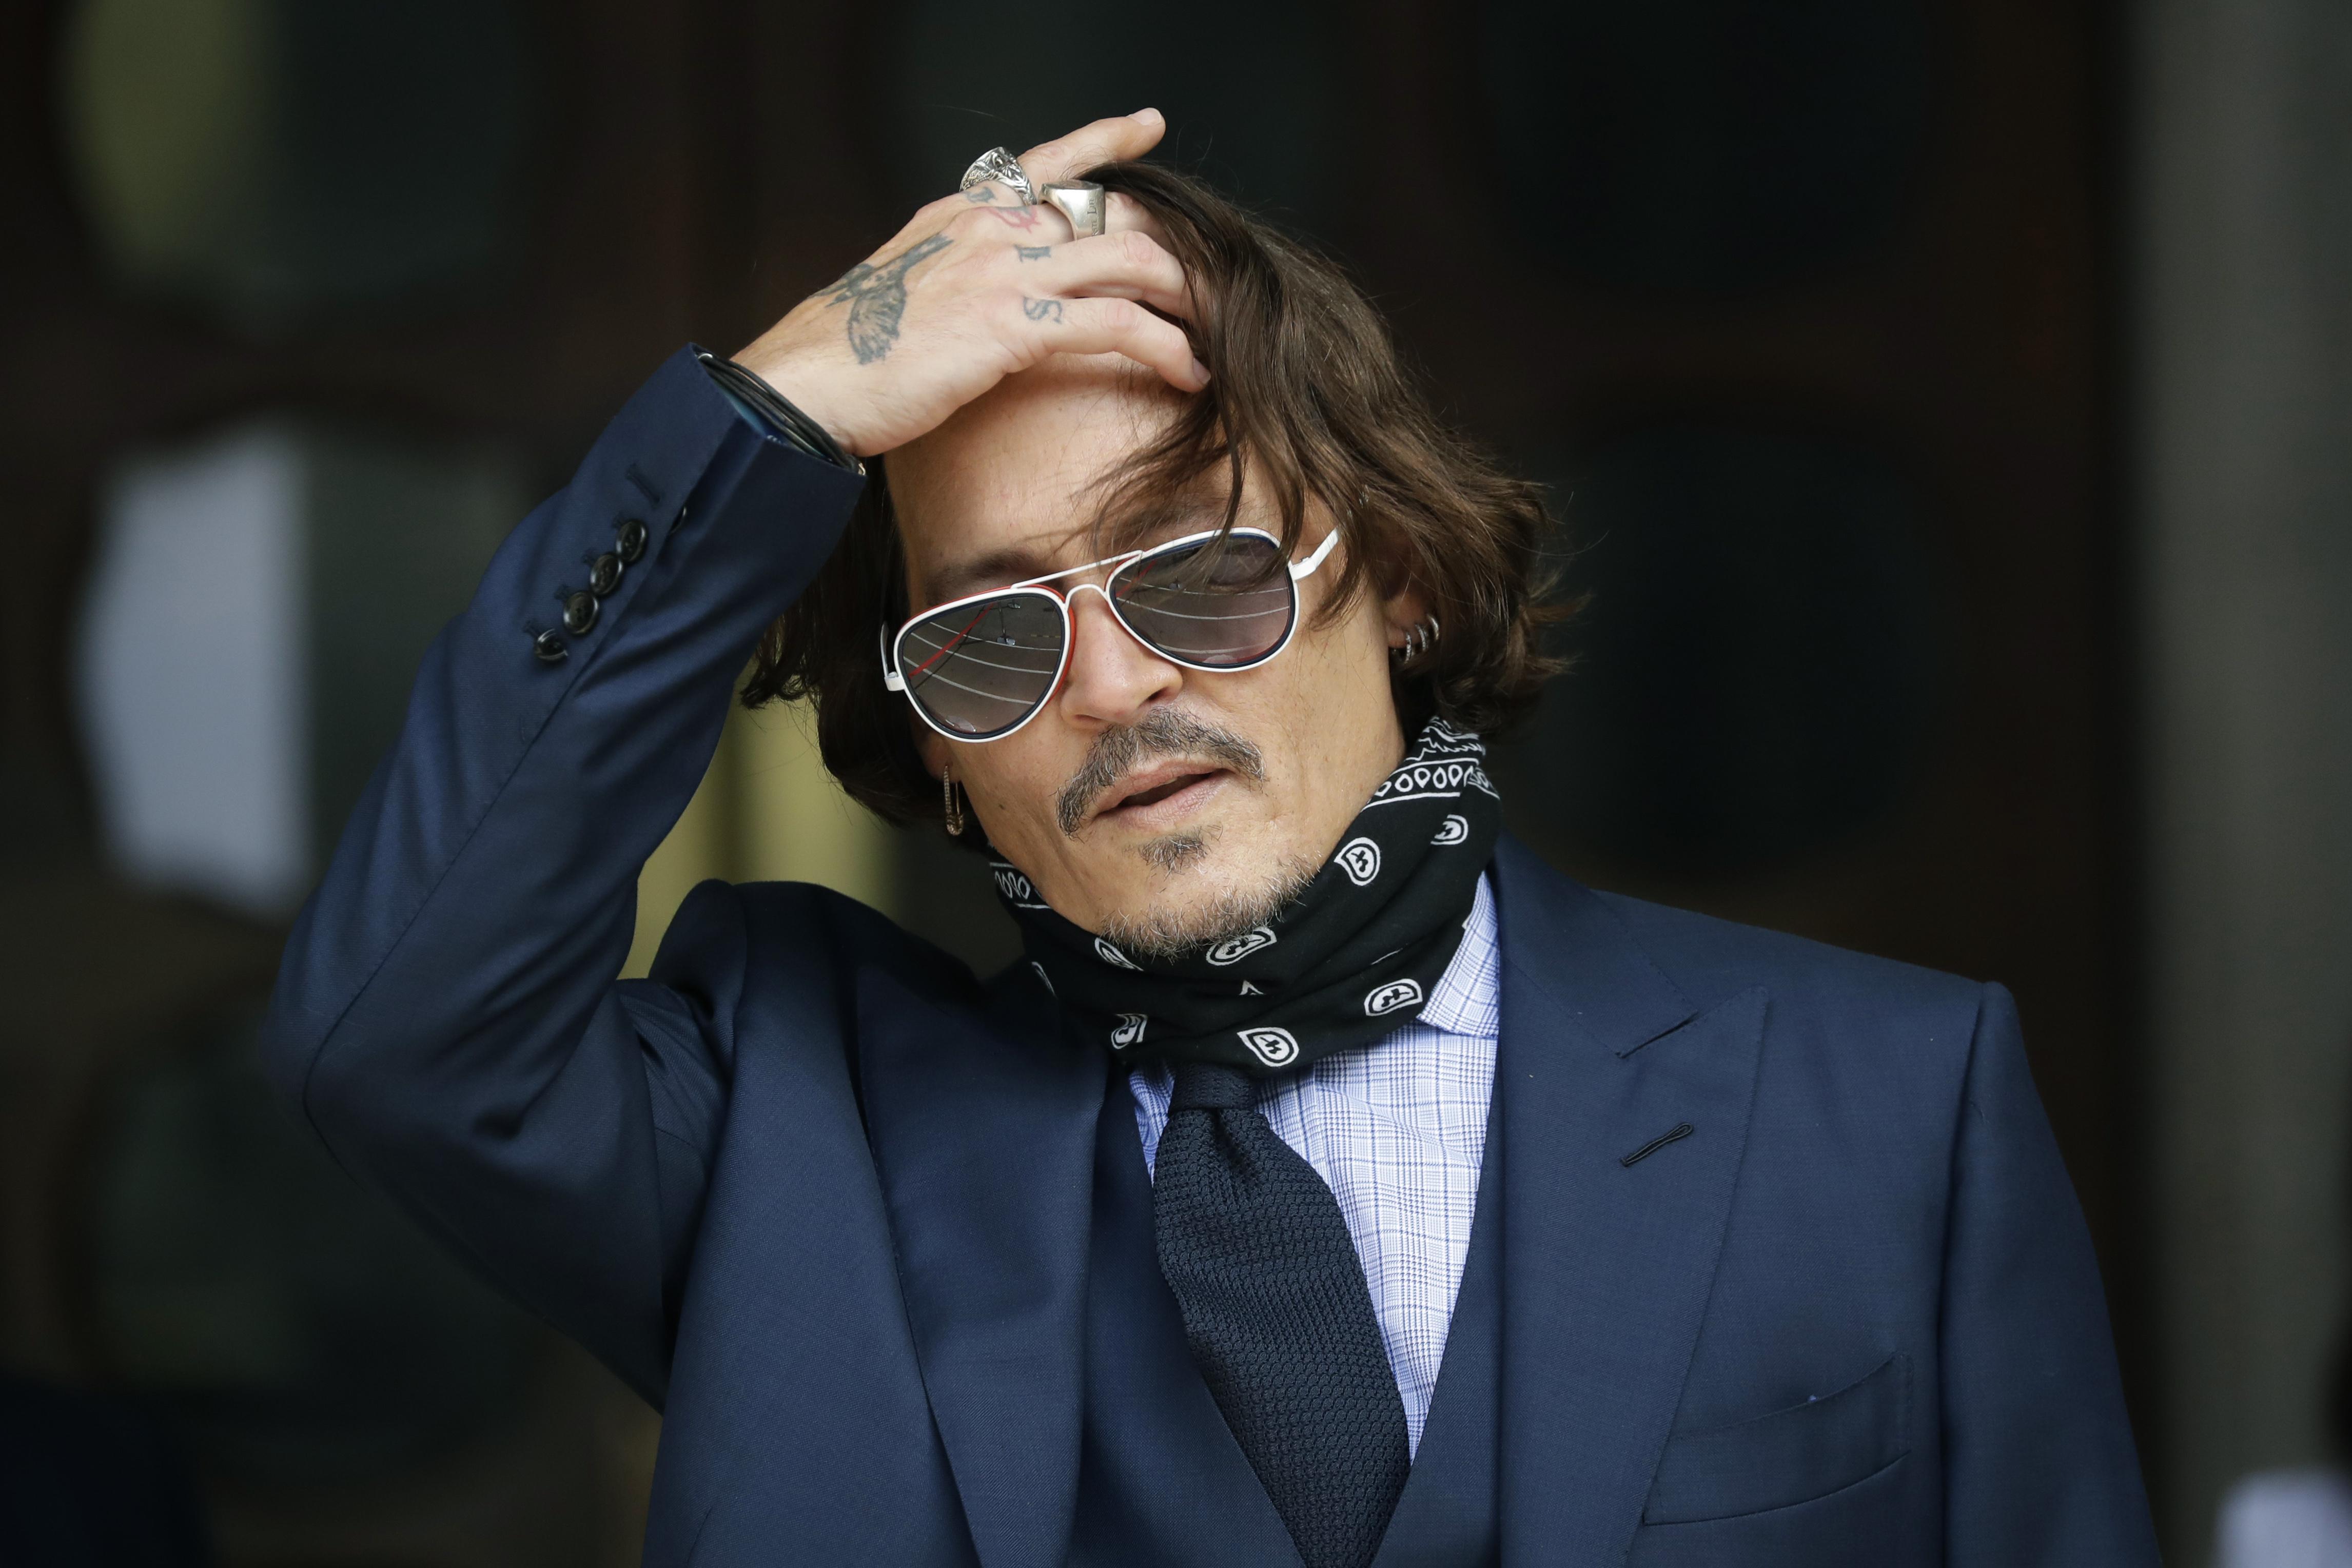 """Johnny Depp pierde demanda de difamación contra tabloide que lo llamó """"marido golpeador"""""""